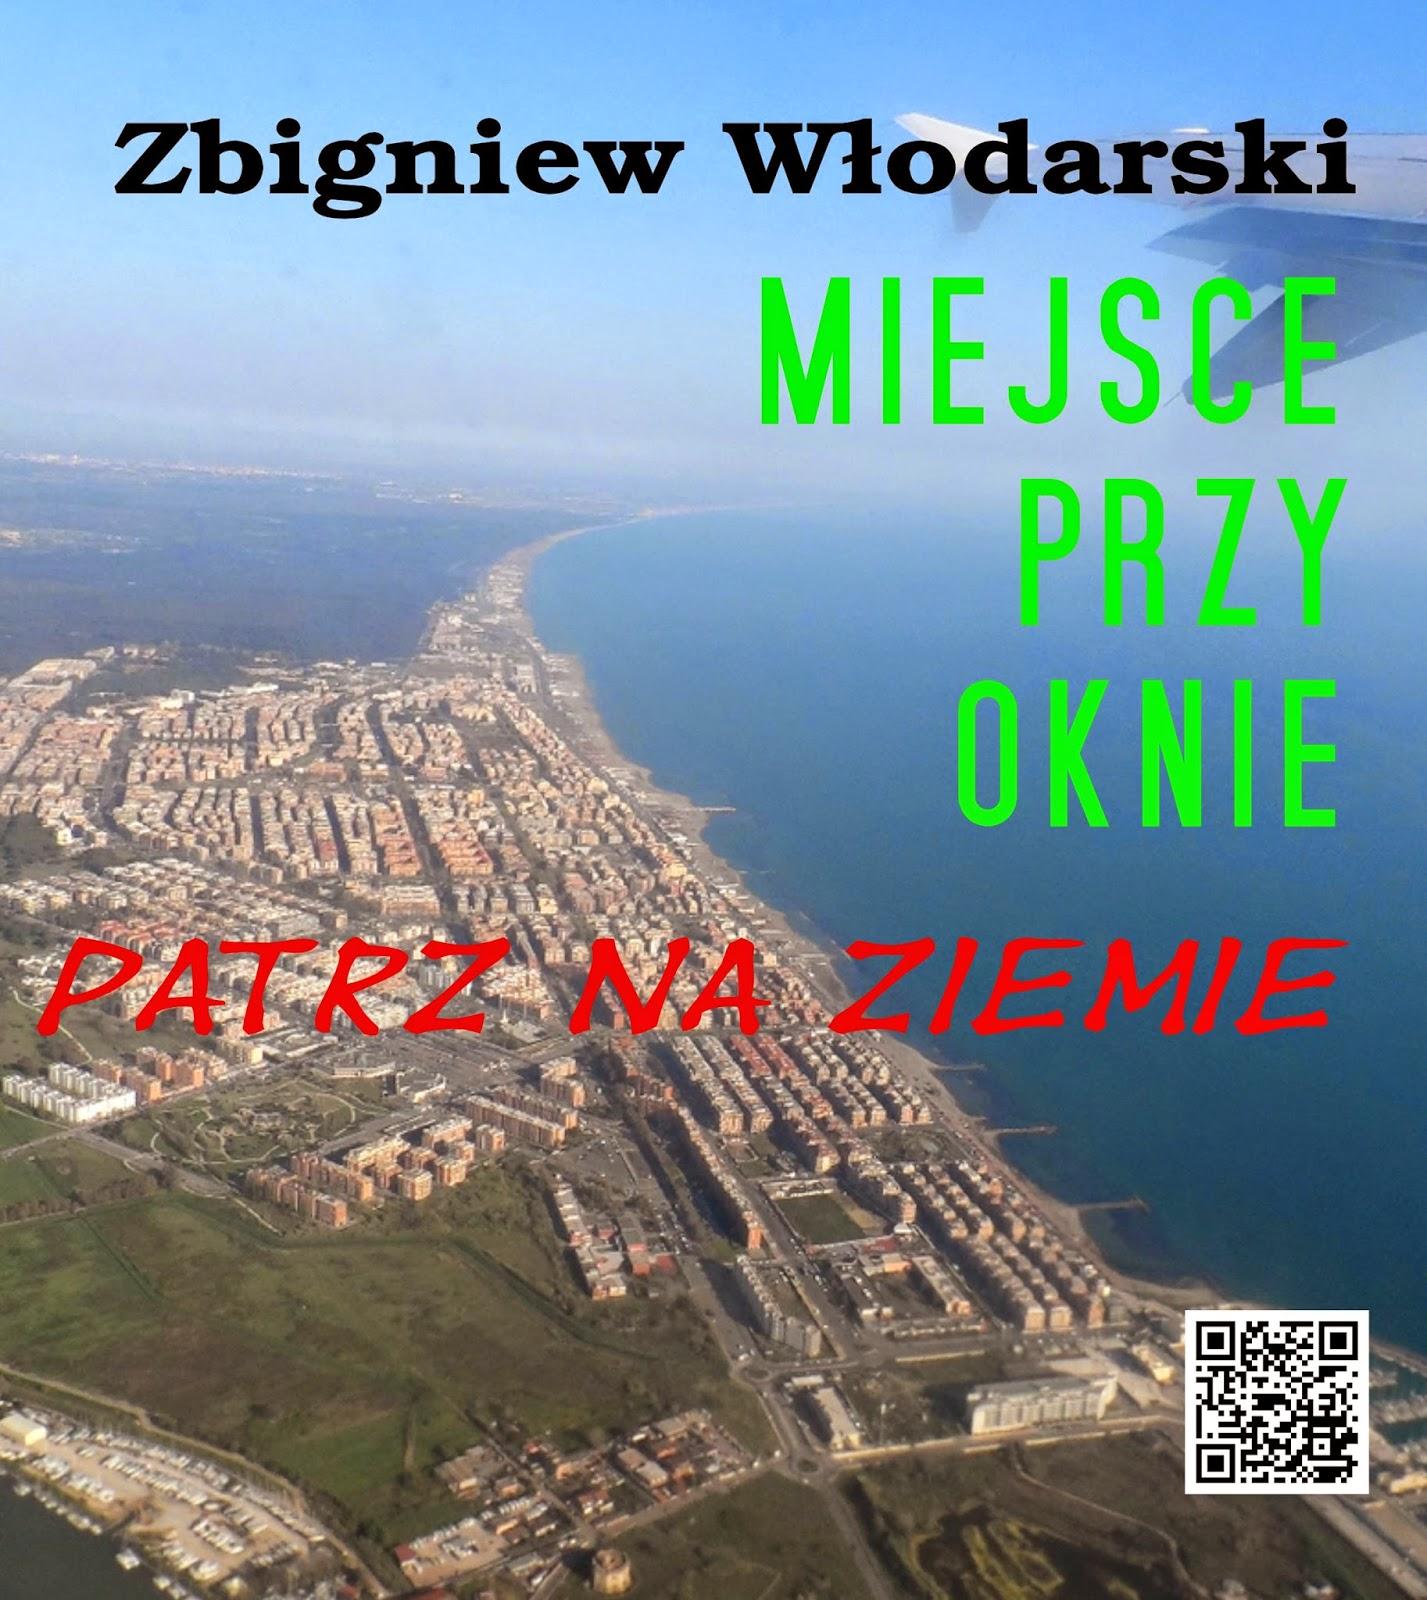 http://issuu.com/zbigniewwodarski/docs/miejsce_przy_oknie_-_patrz_na_ziemi/0